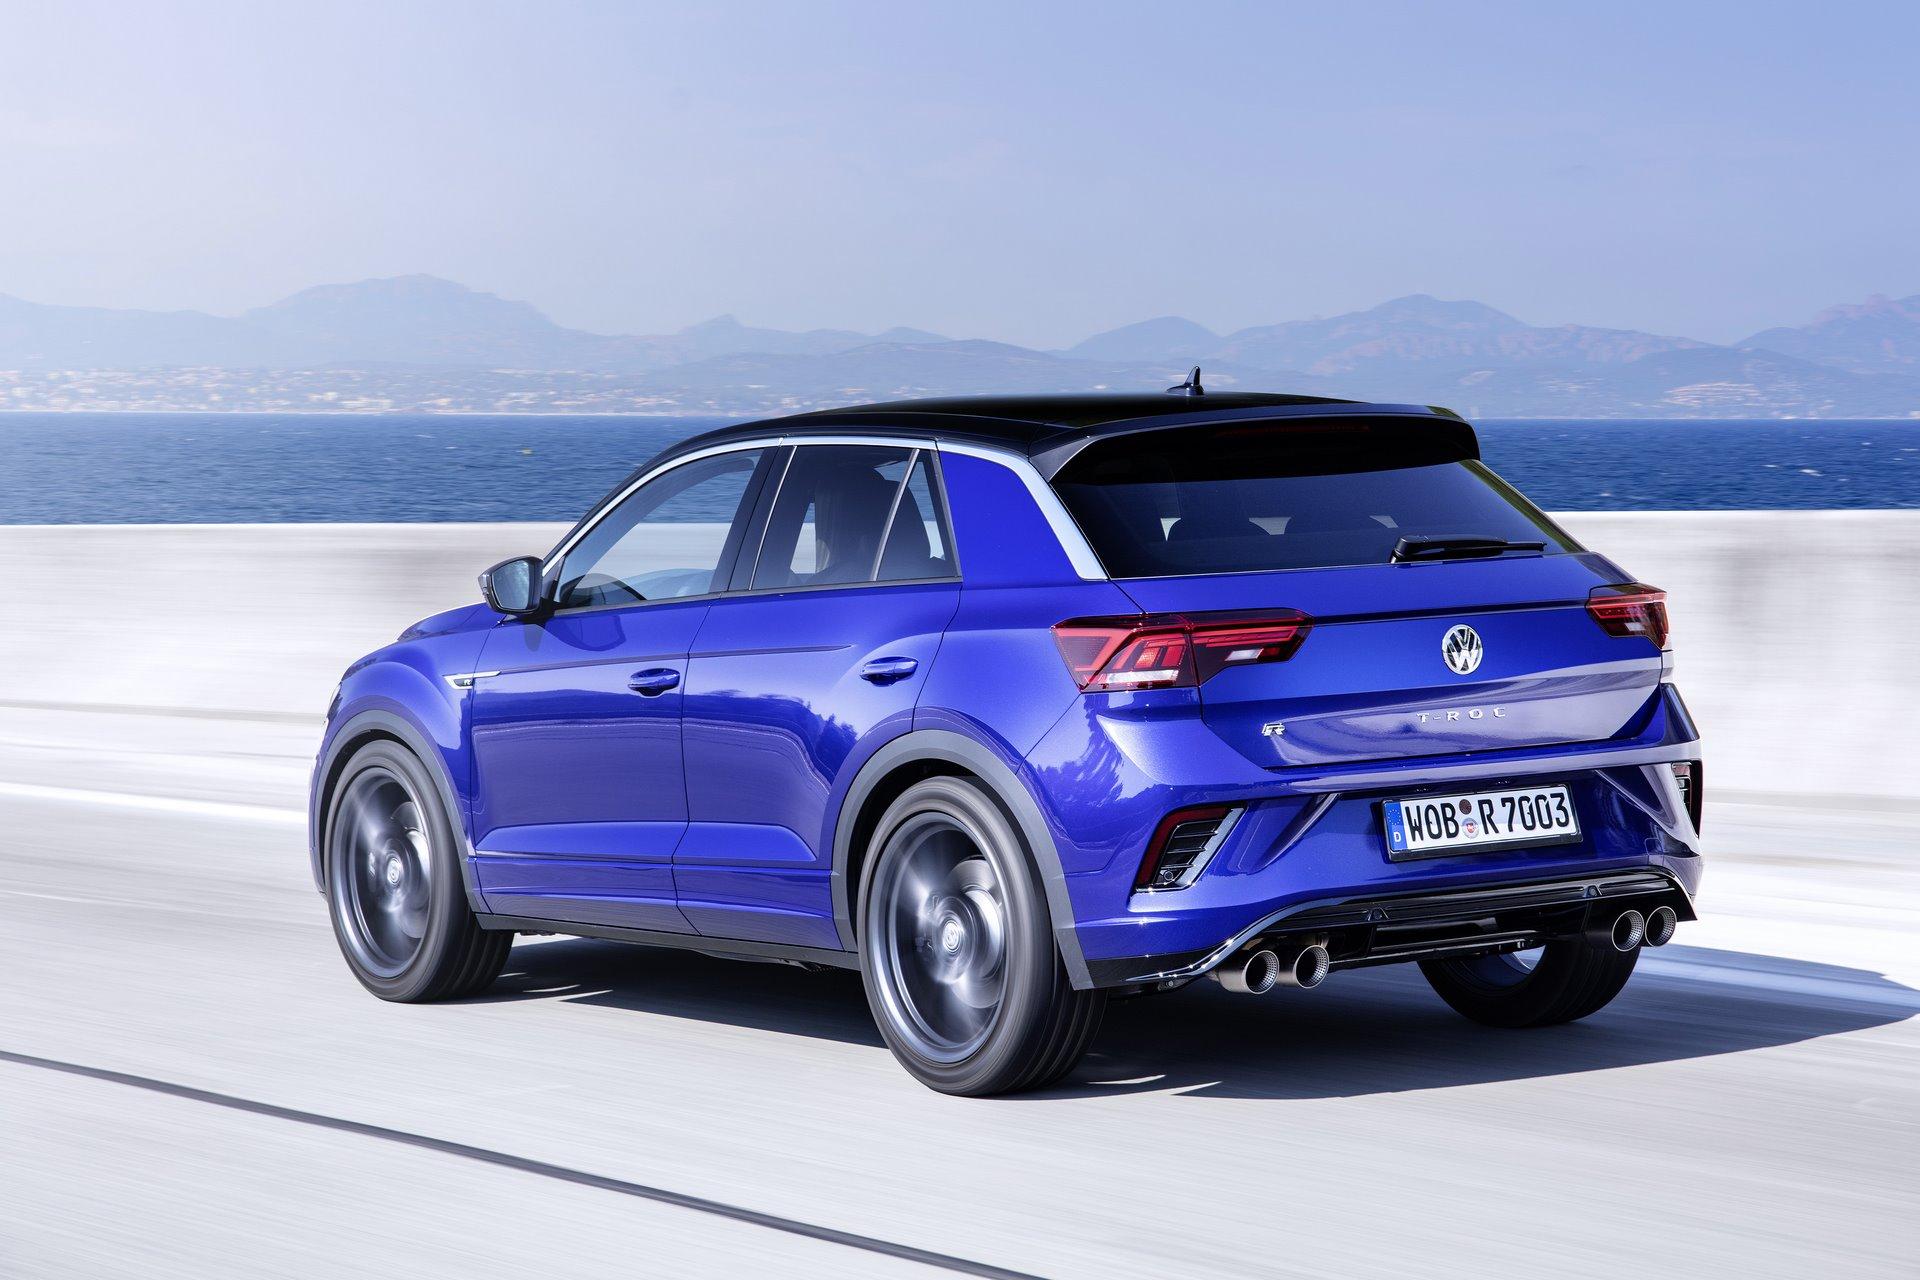 The new Volkswagen T-Roc R